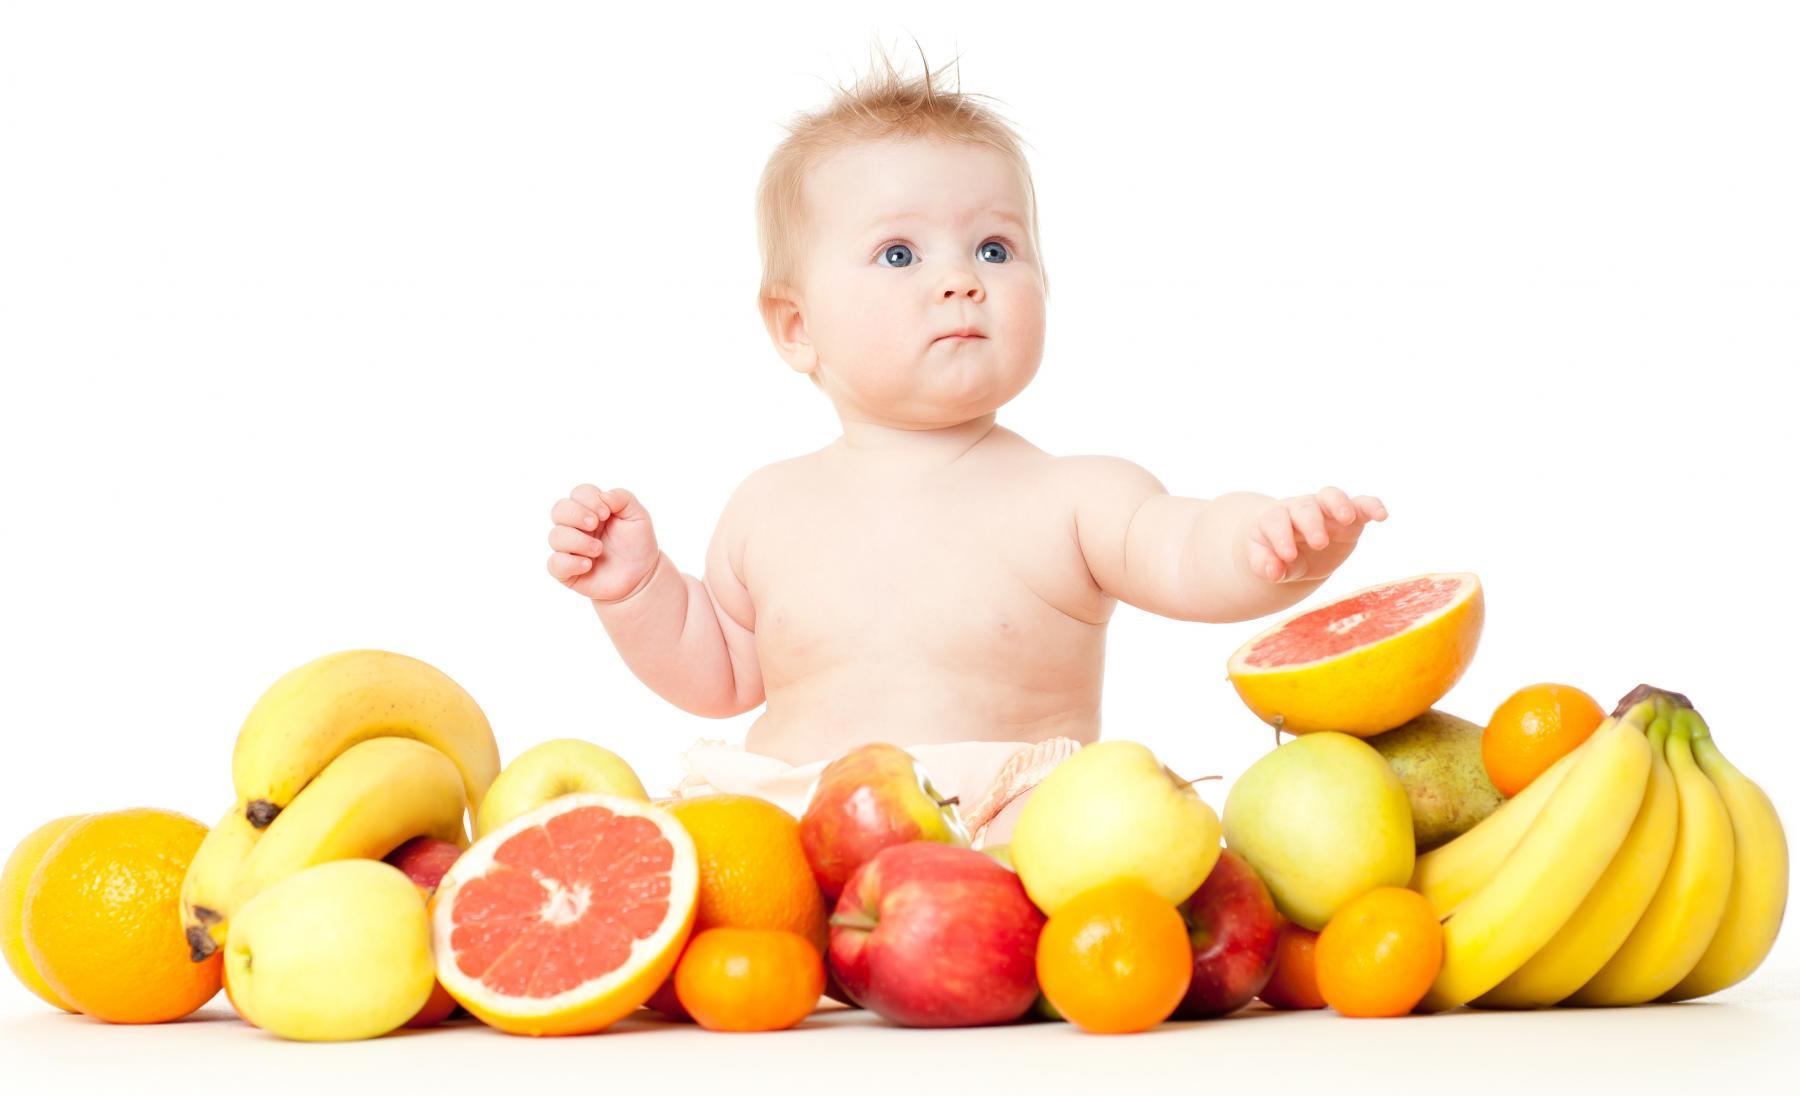 Chăm sóc trẻ bị sốt - Bô sung nước hoa quả, sinh tố cho bé